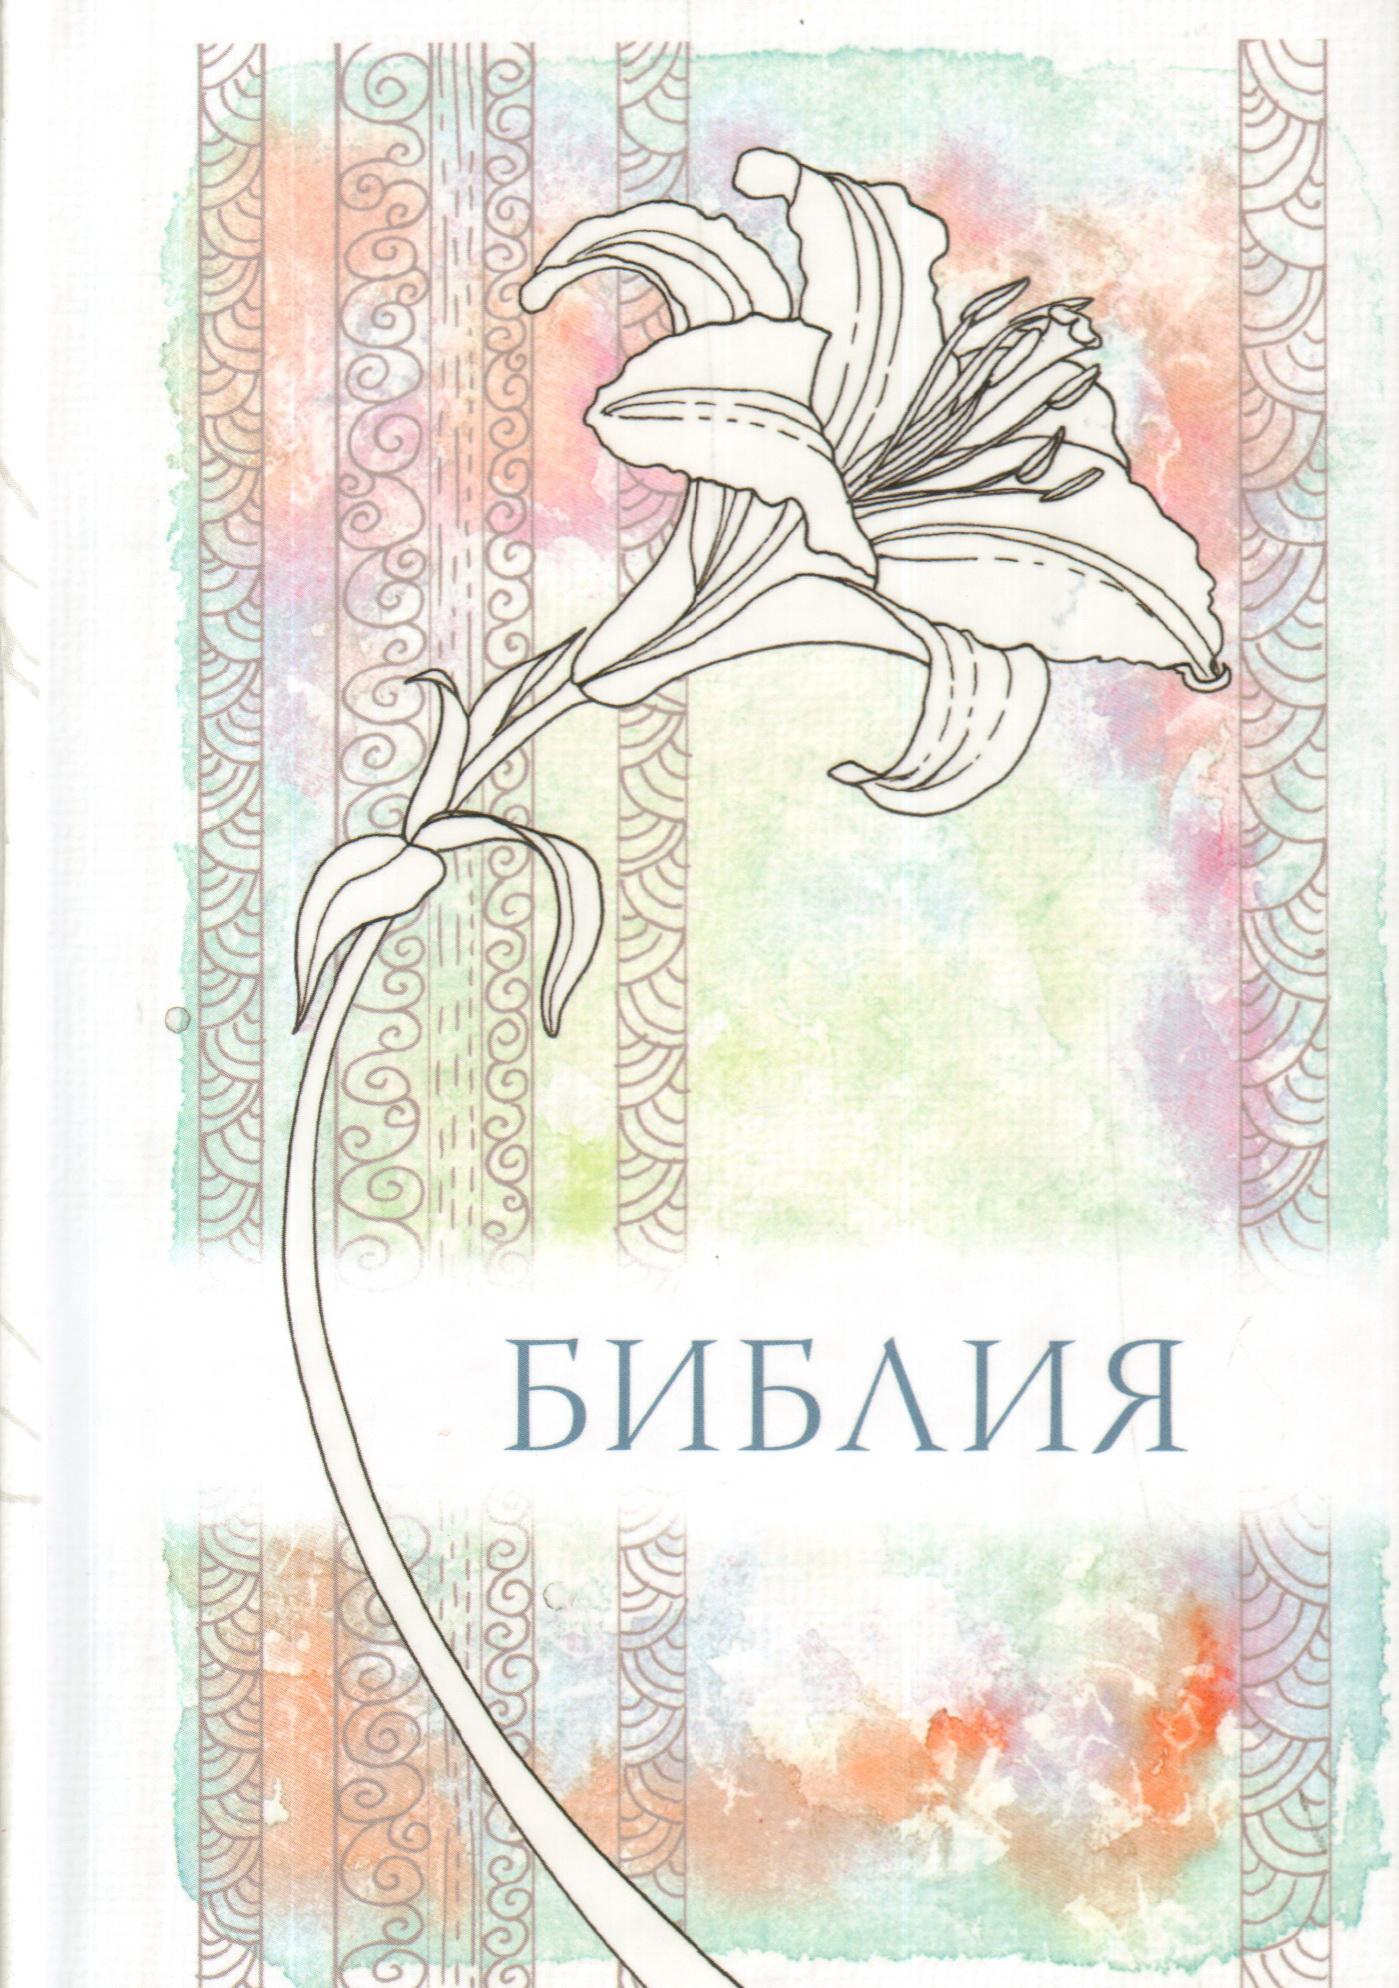 Библия (1325)043 мал.(лилия)